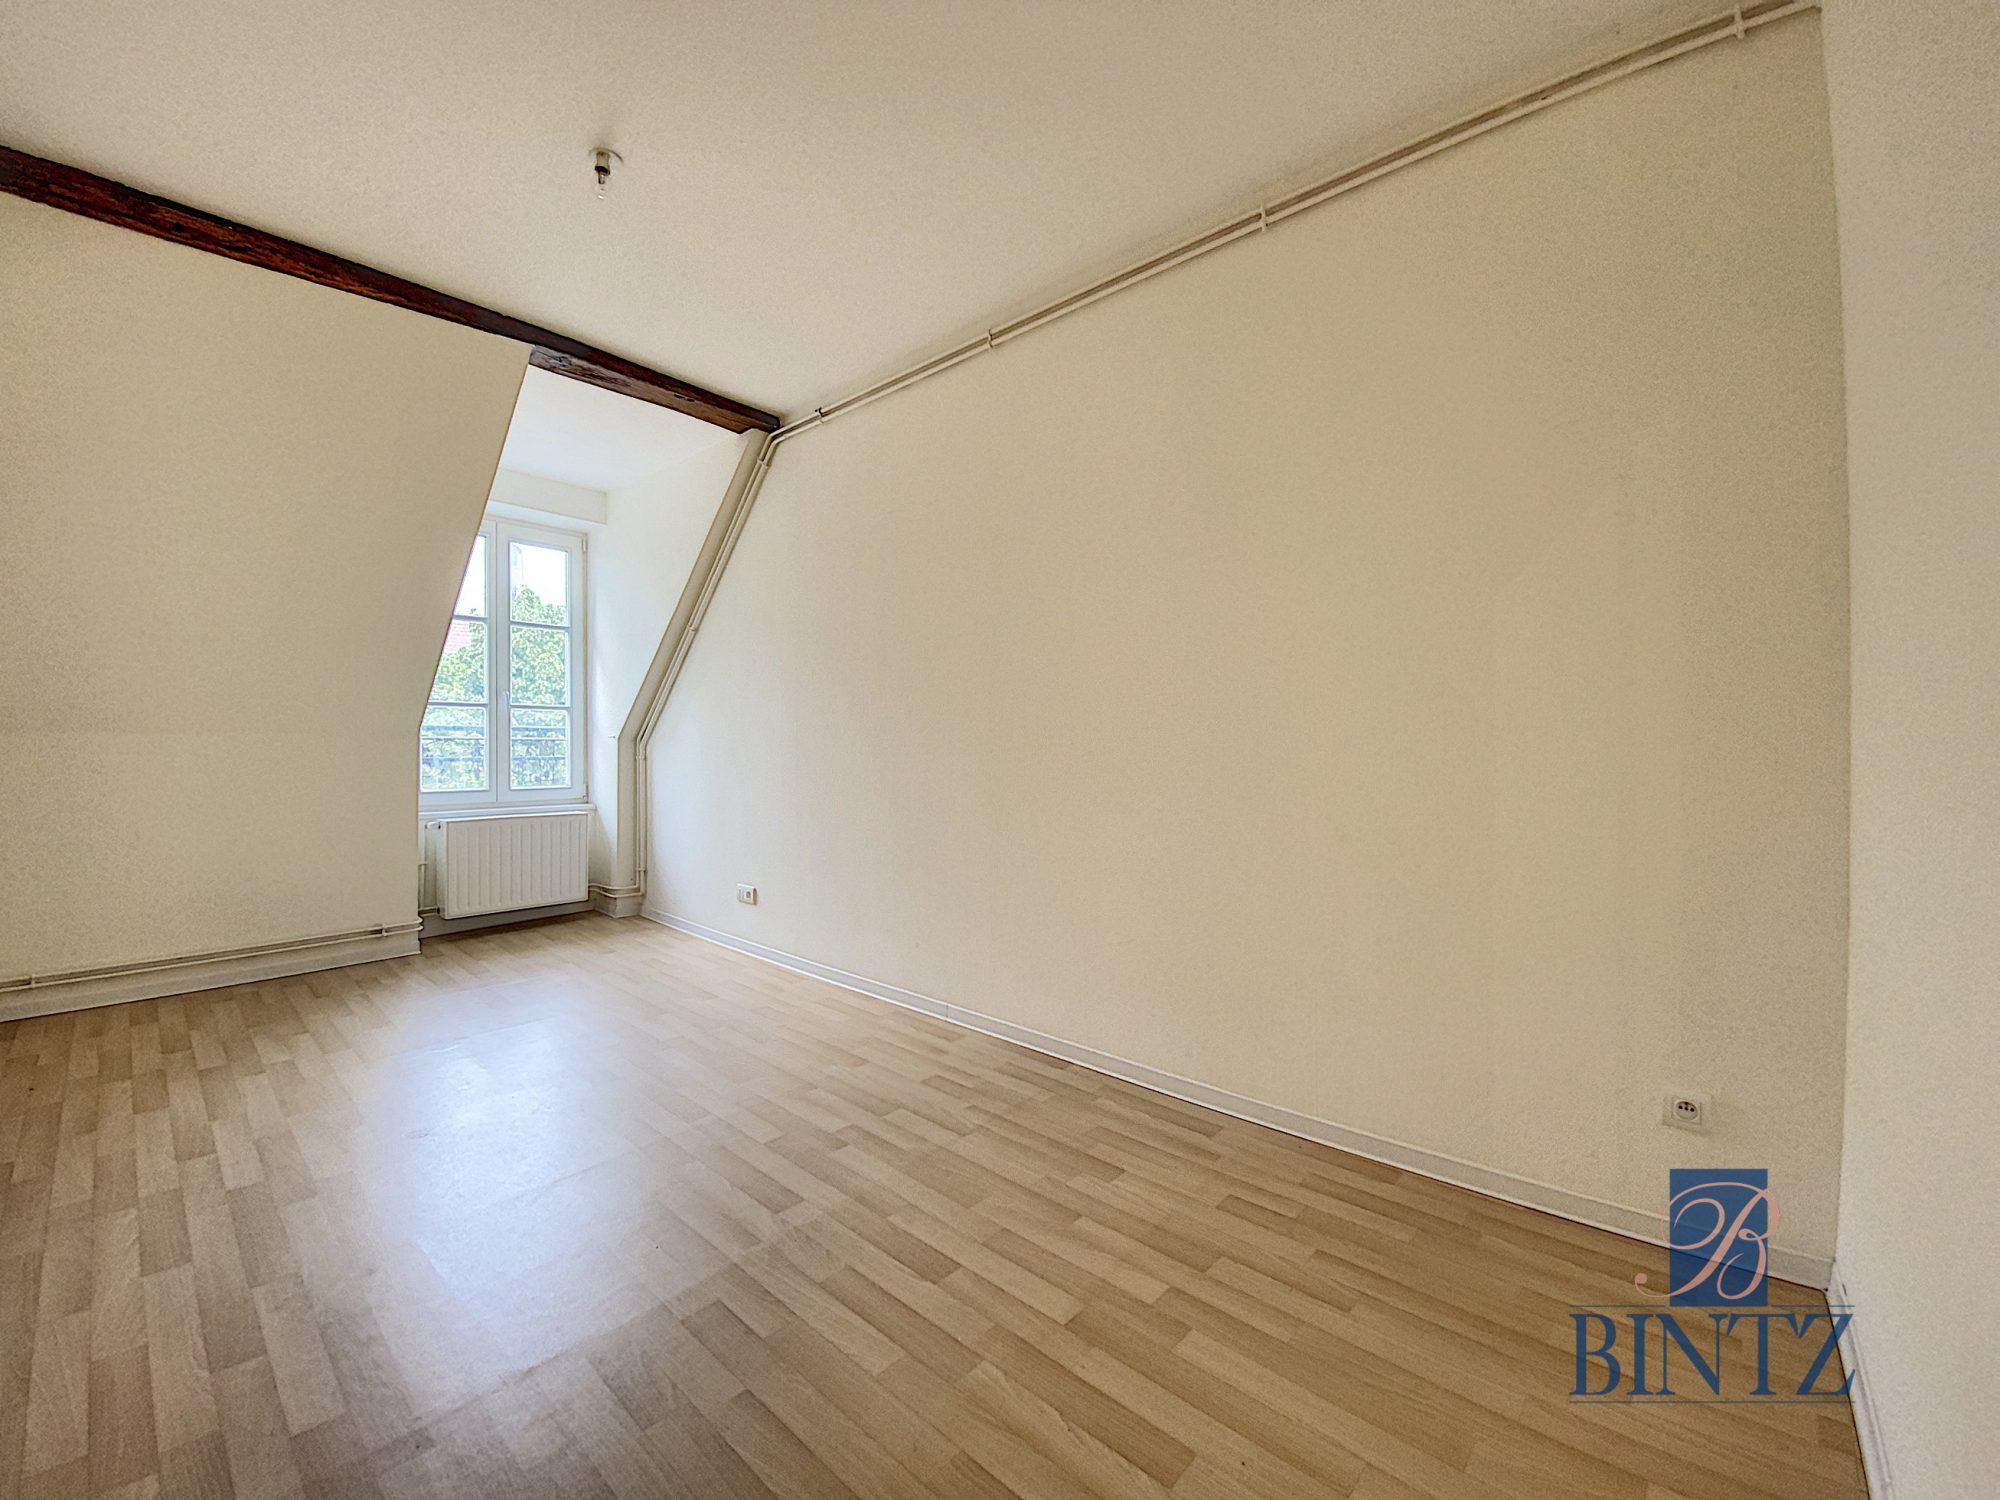 4P toulon sur arroux 1er - Devenez locataire en toute sérénité - Bintz Immobilier - 6